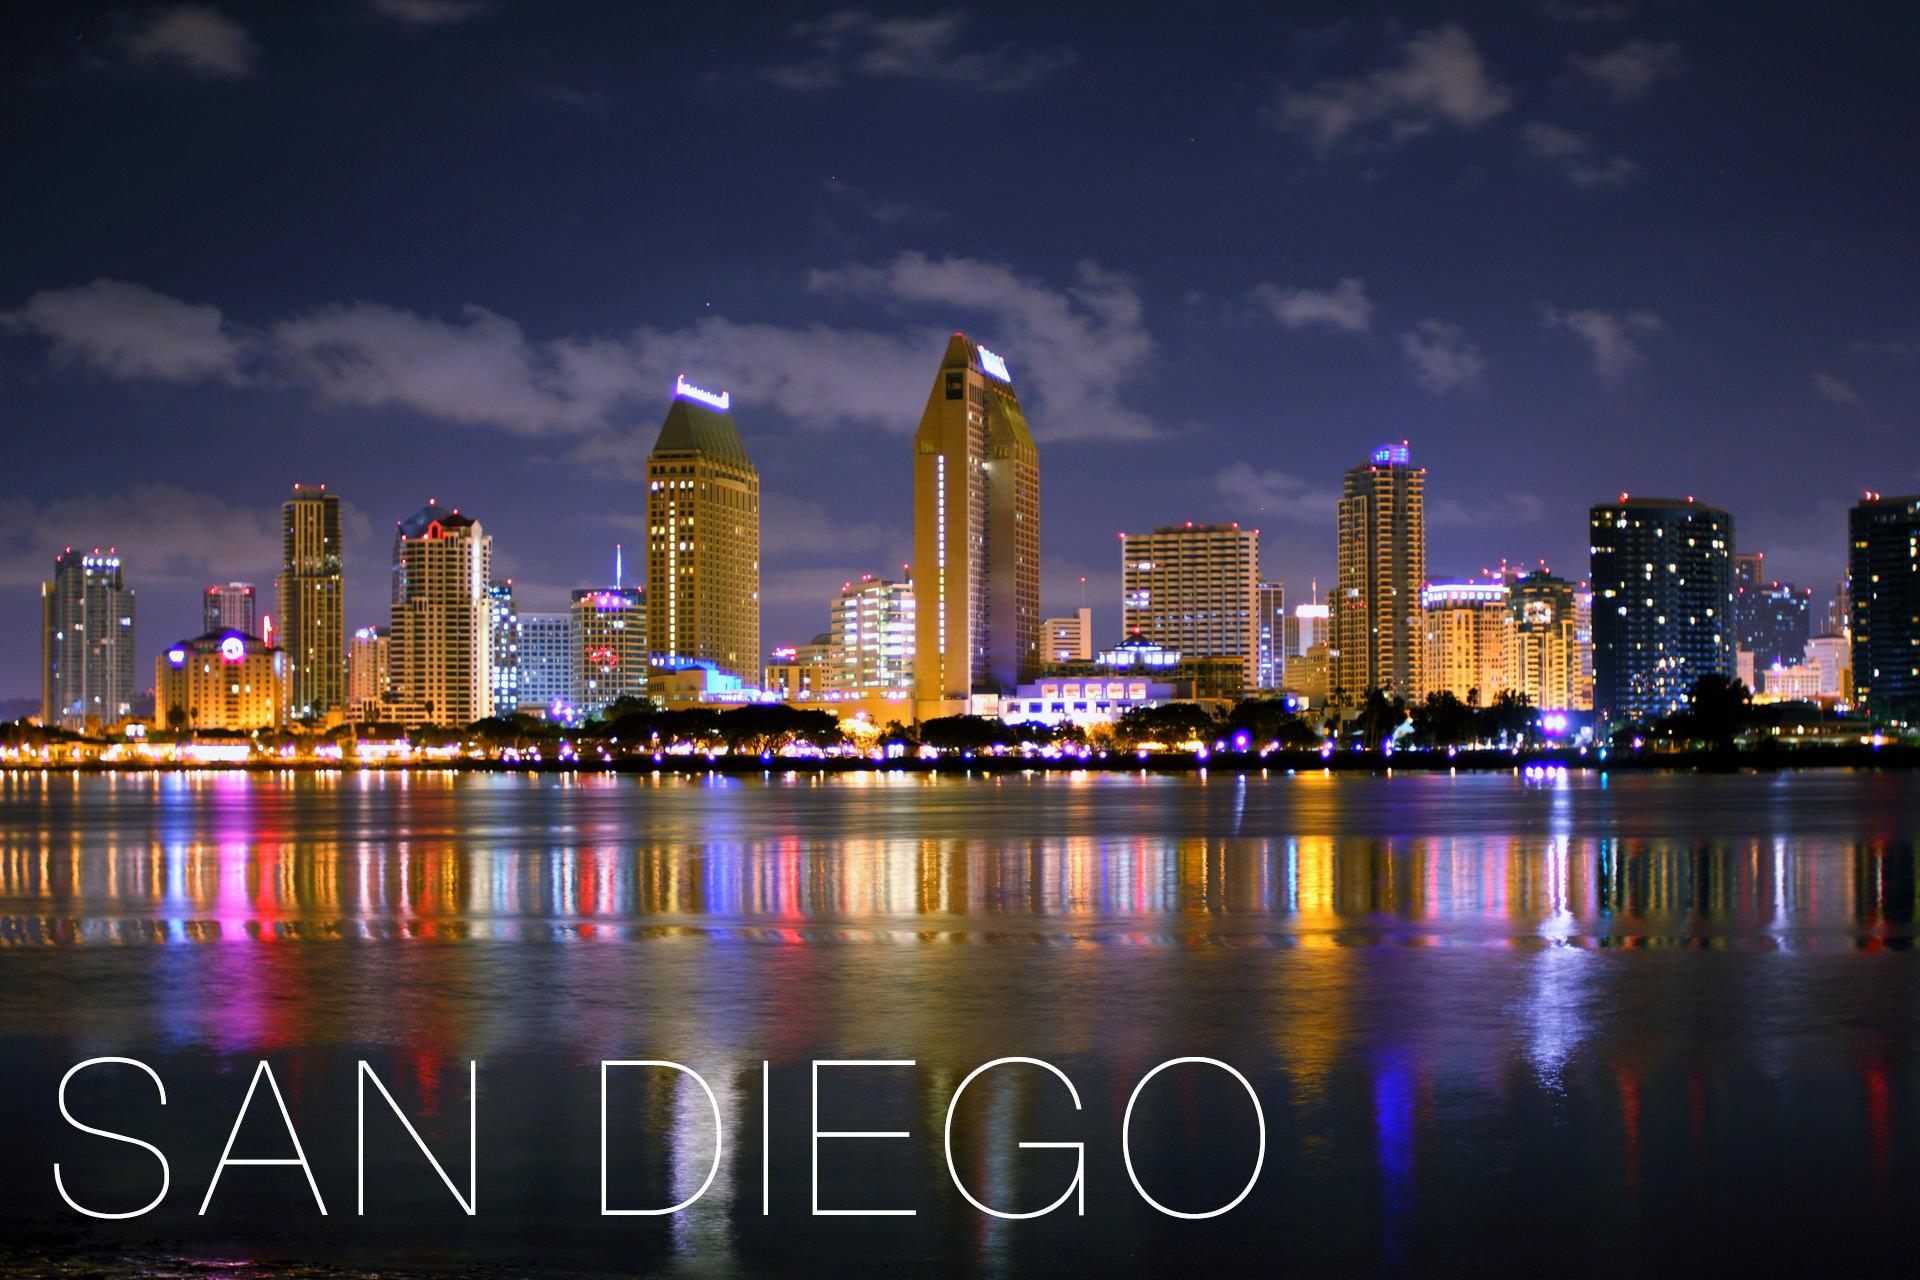 Study English At Cisl English School In San Diego